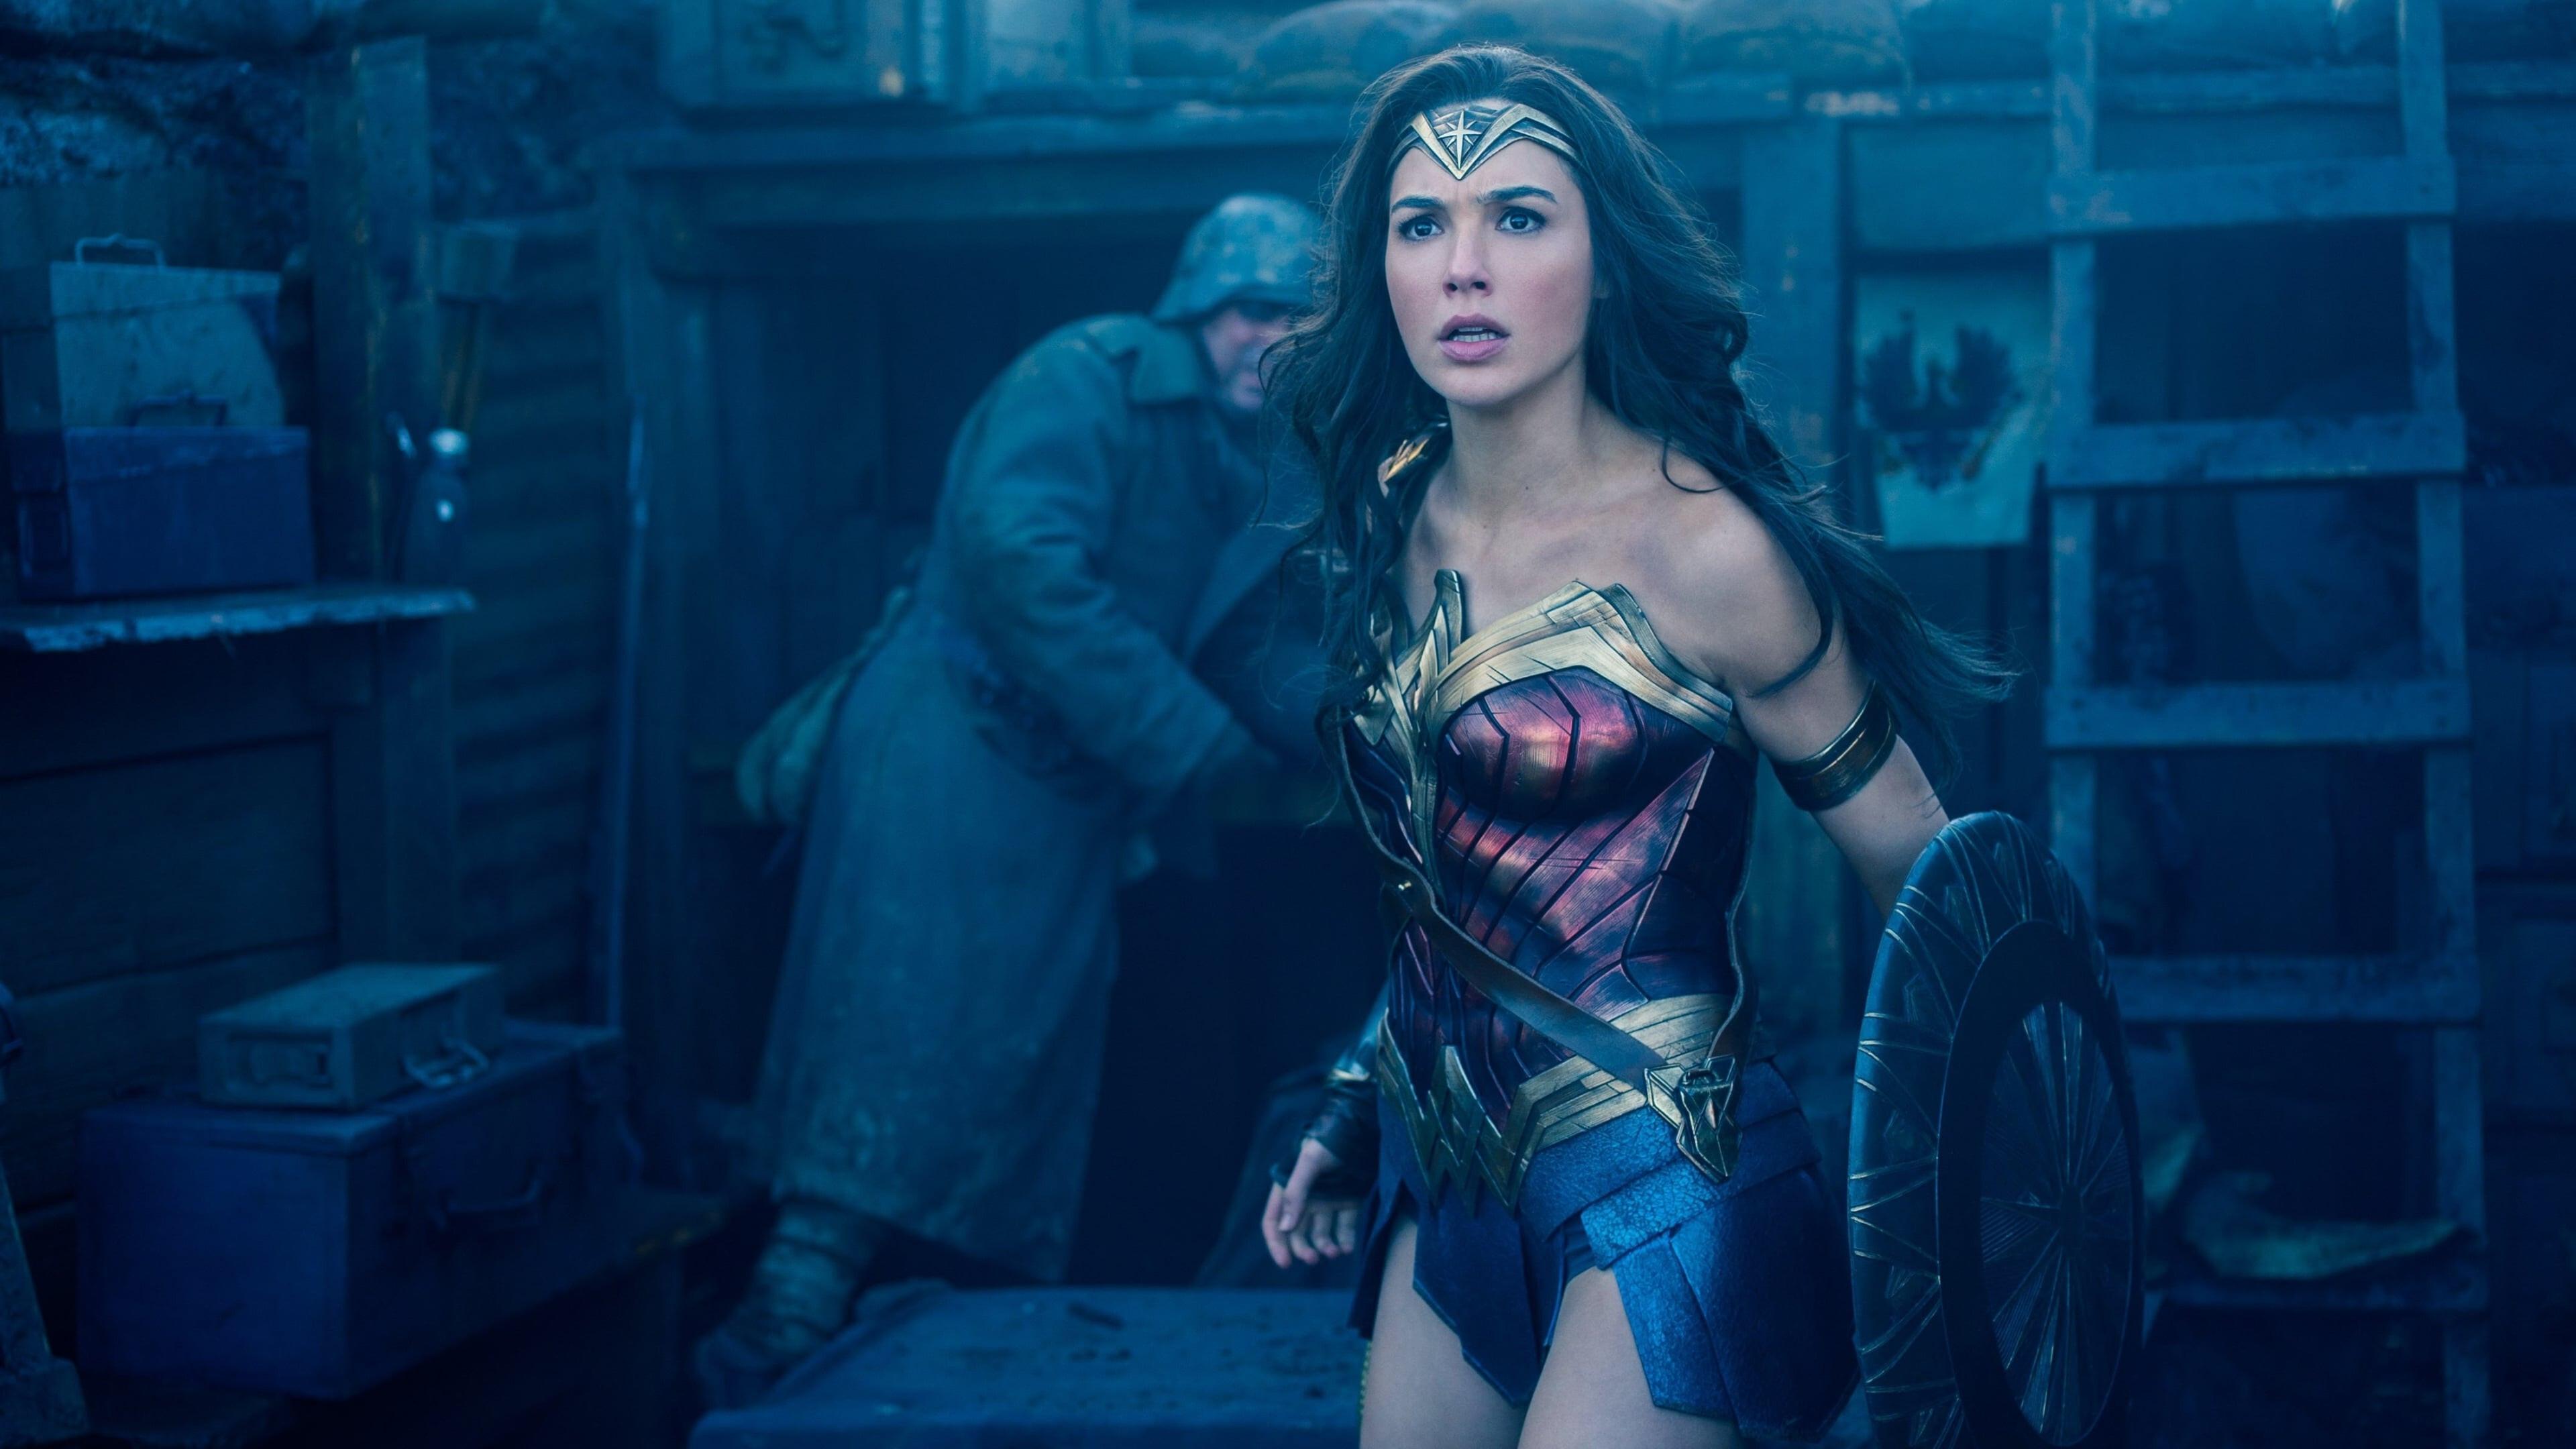 Wonder woman hanteert een nieuwe verhoortechniek